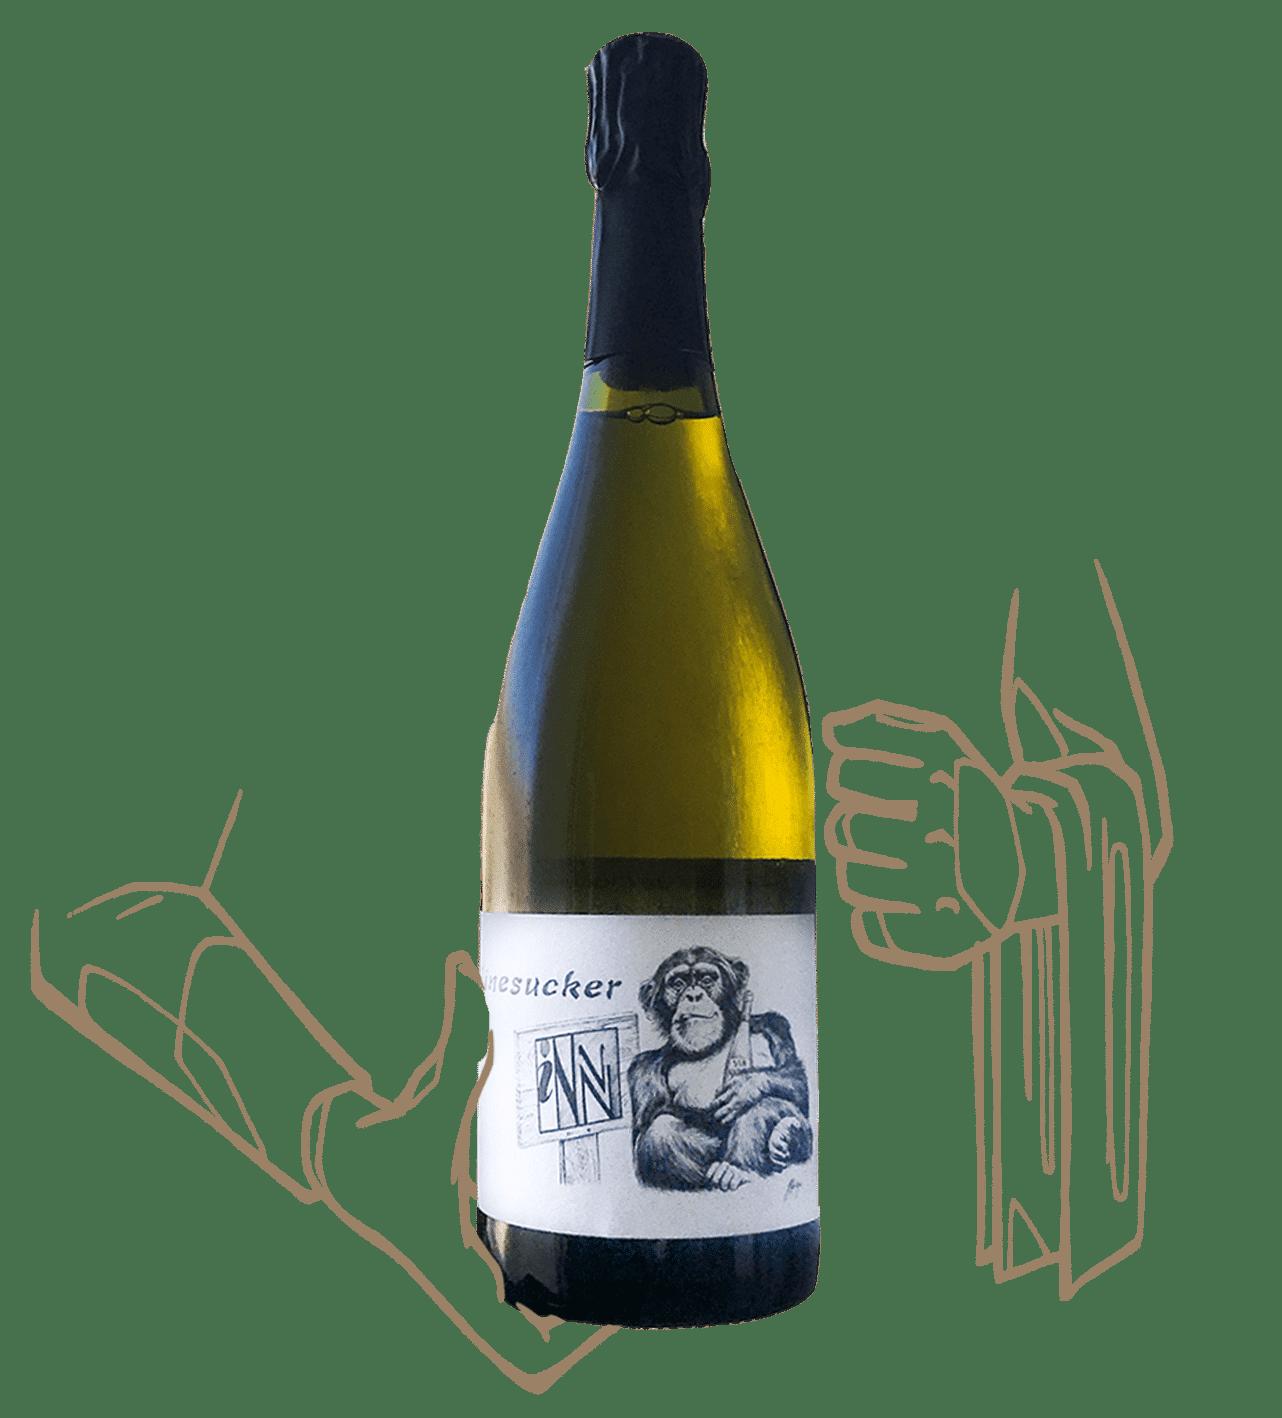 la bulle de claude est un vin naturel signé winesucker et les vins pirouettes en Alsace